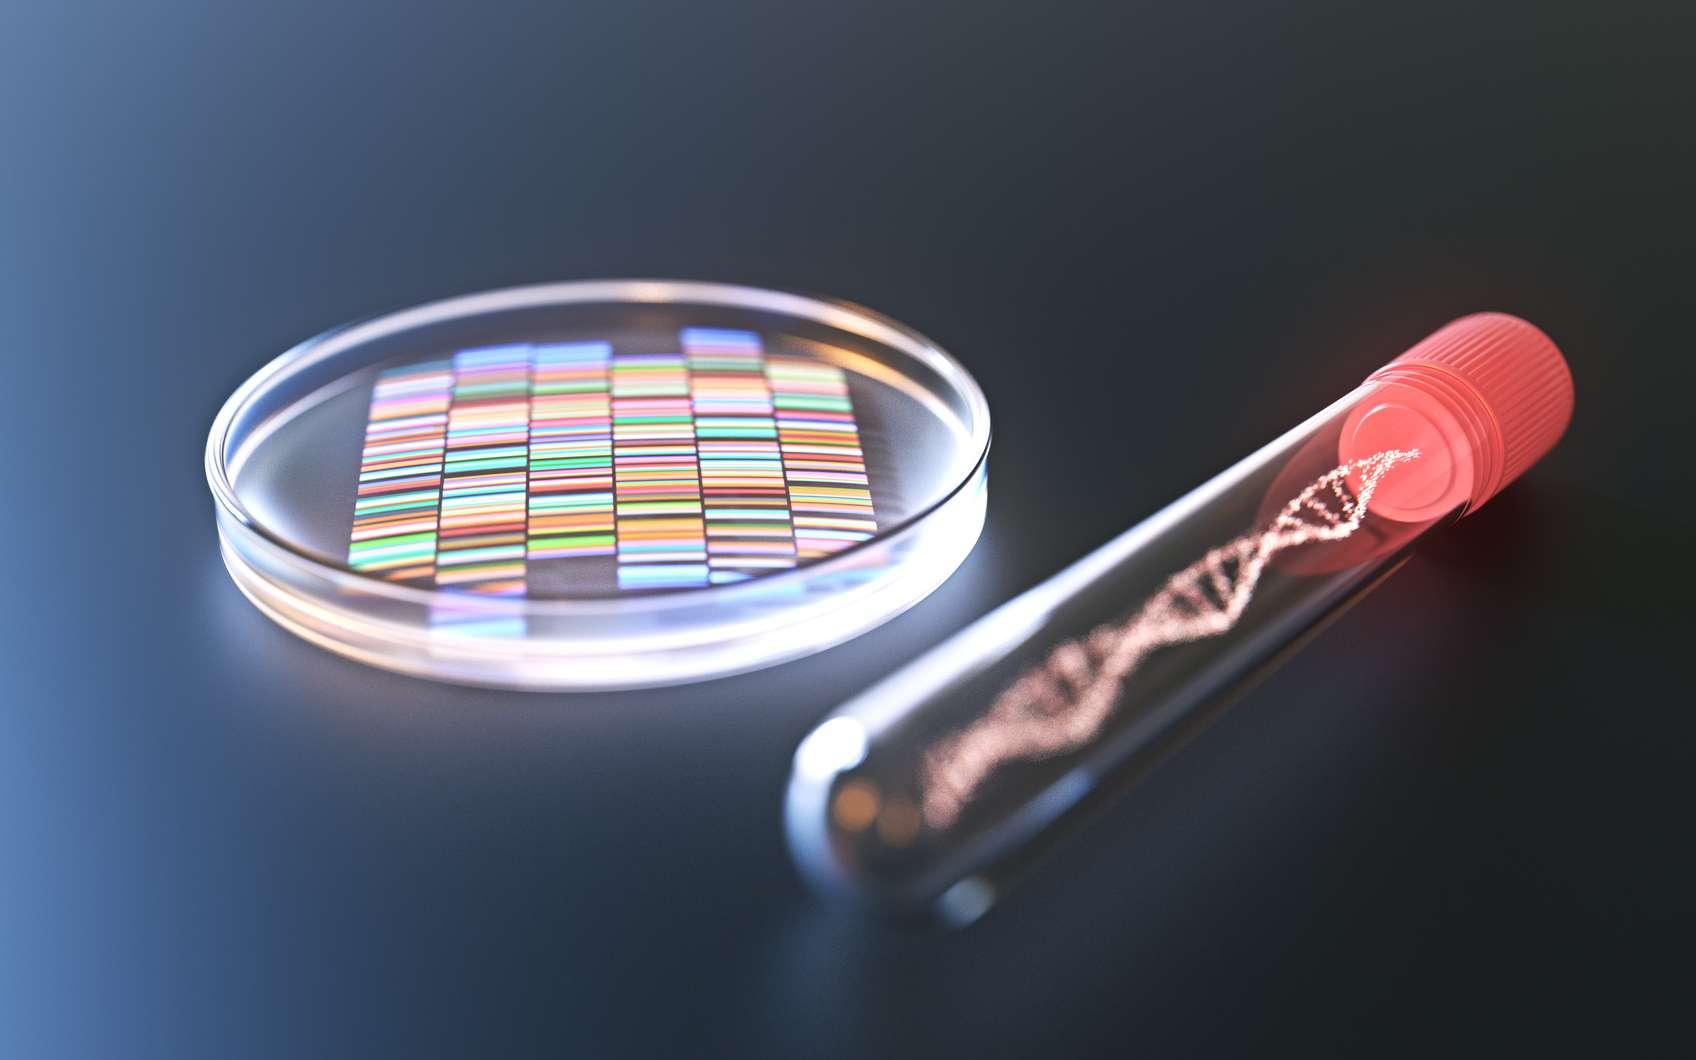 Si la méthode CRISPR offre bien des promesses, elle fait également l'objet de controverses. © Fotolia, Connect world